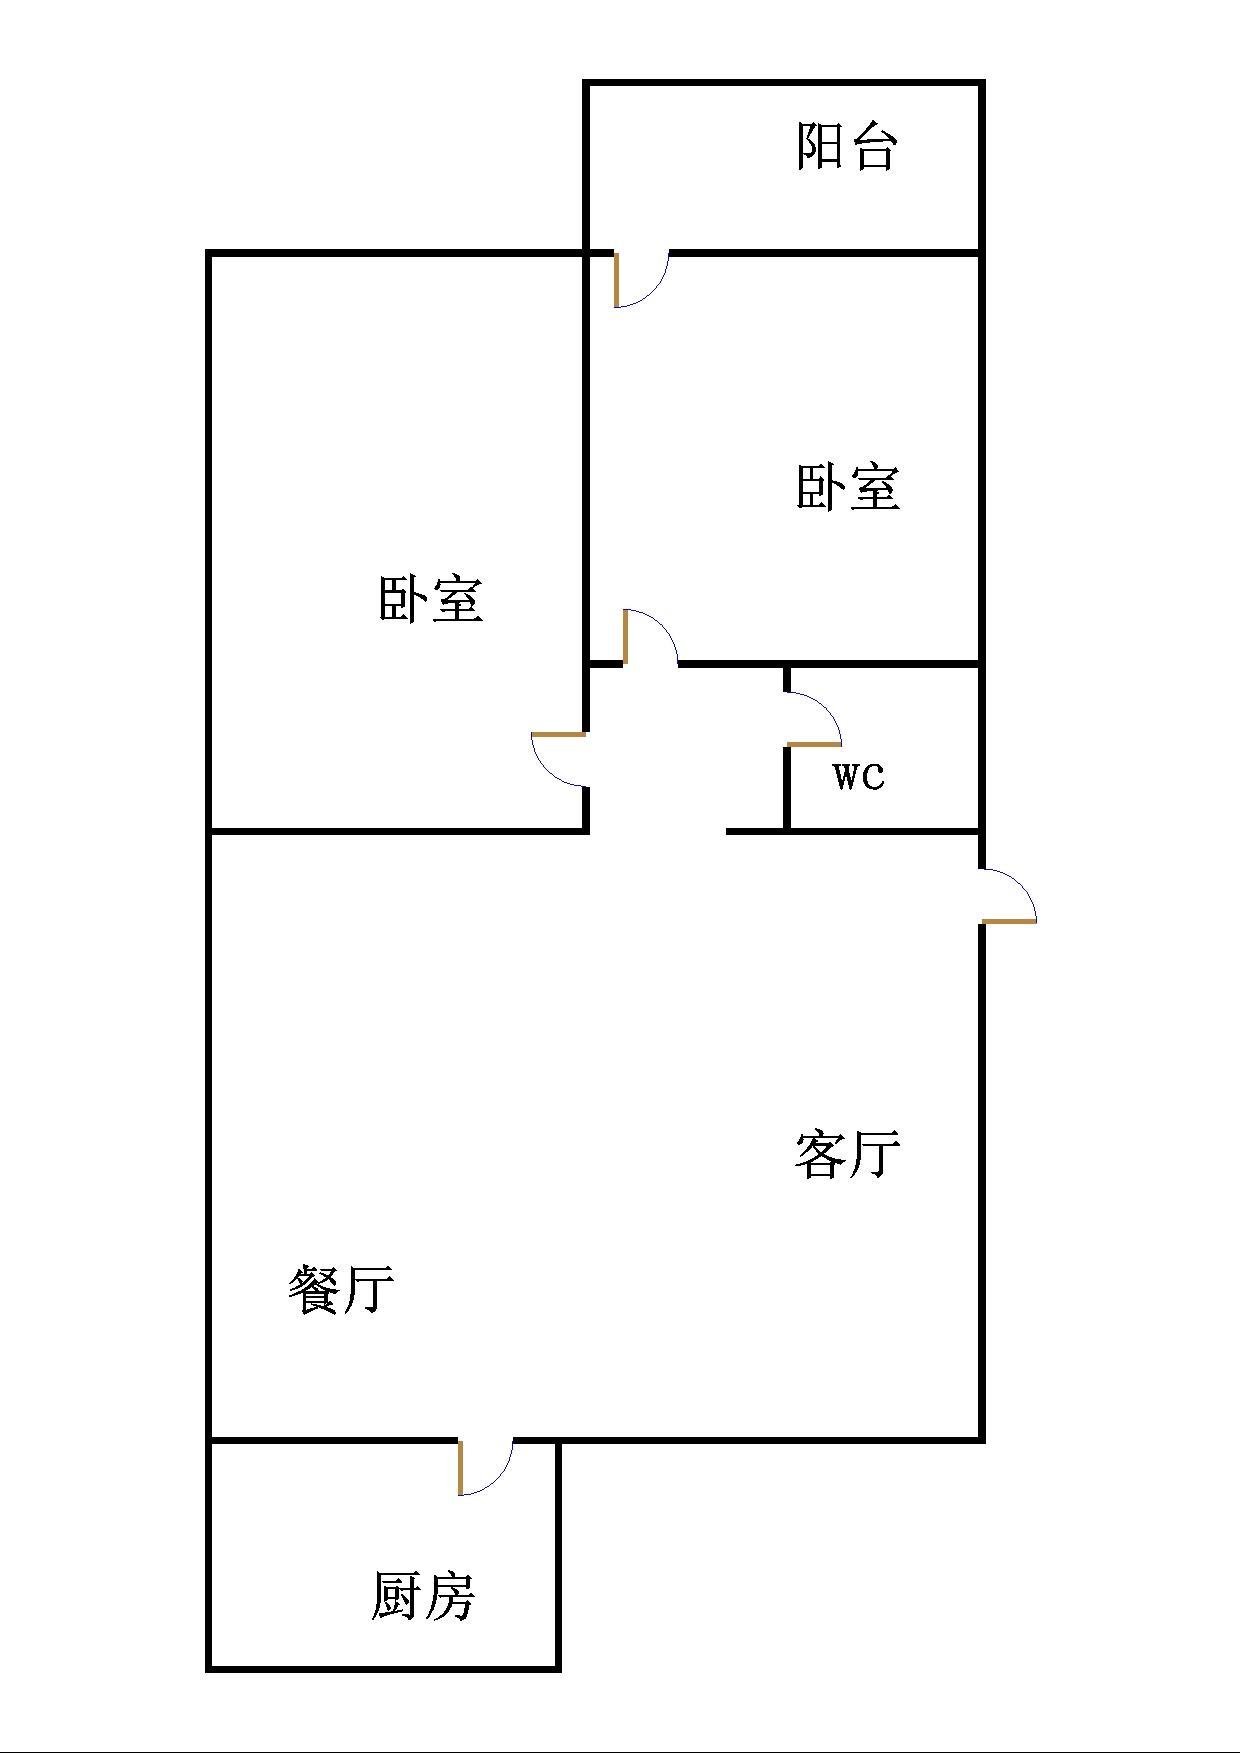 天元公寓 2室2厅 双证齐全 简装 115万